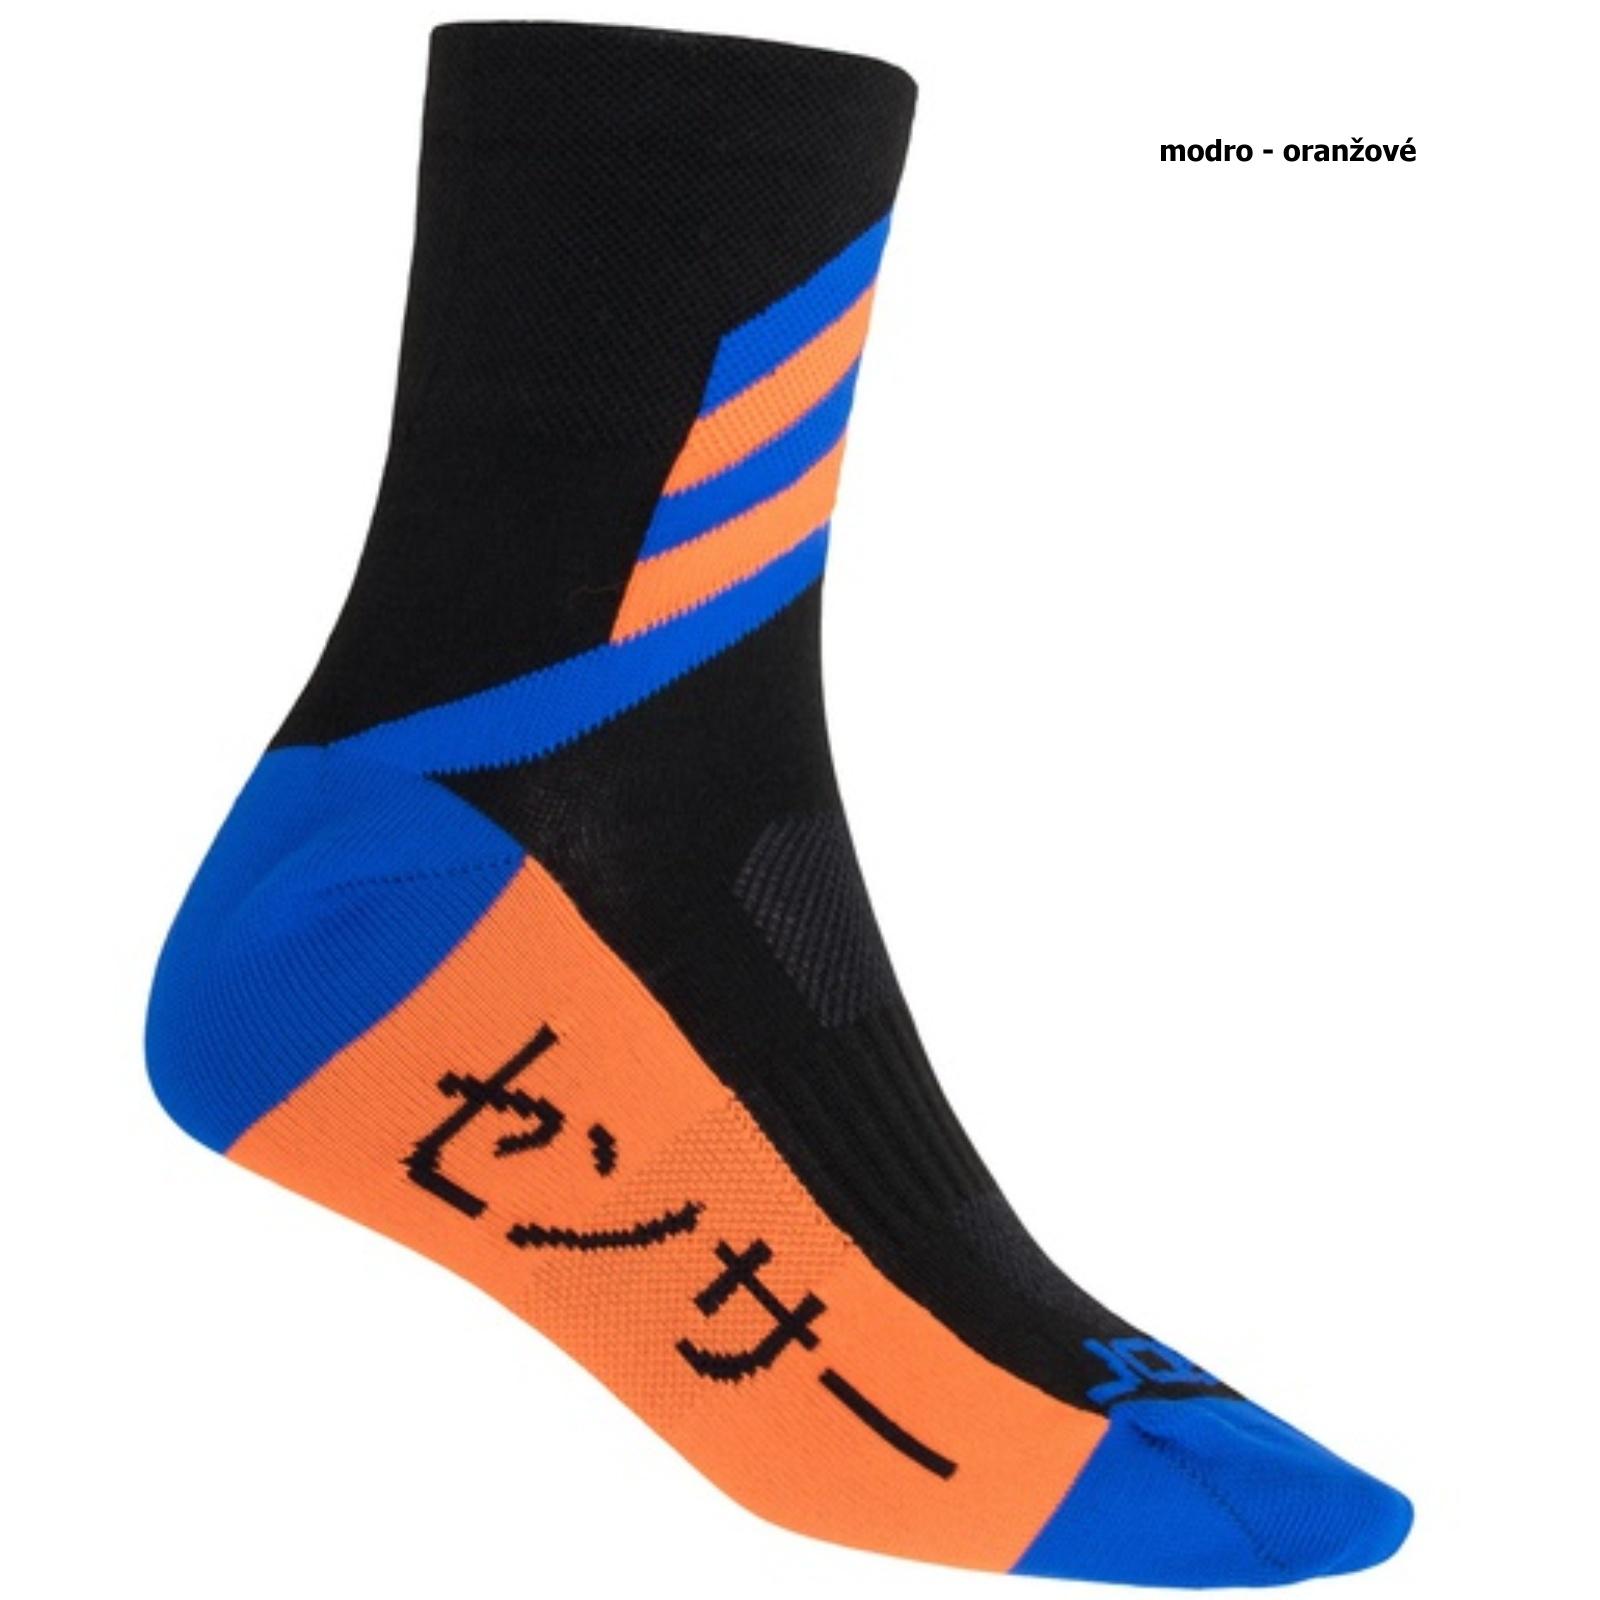 Sensor ponožky TOKYO černá-modrá-oranžová